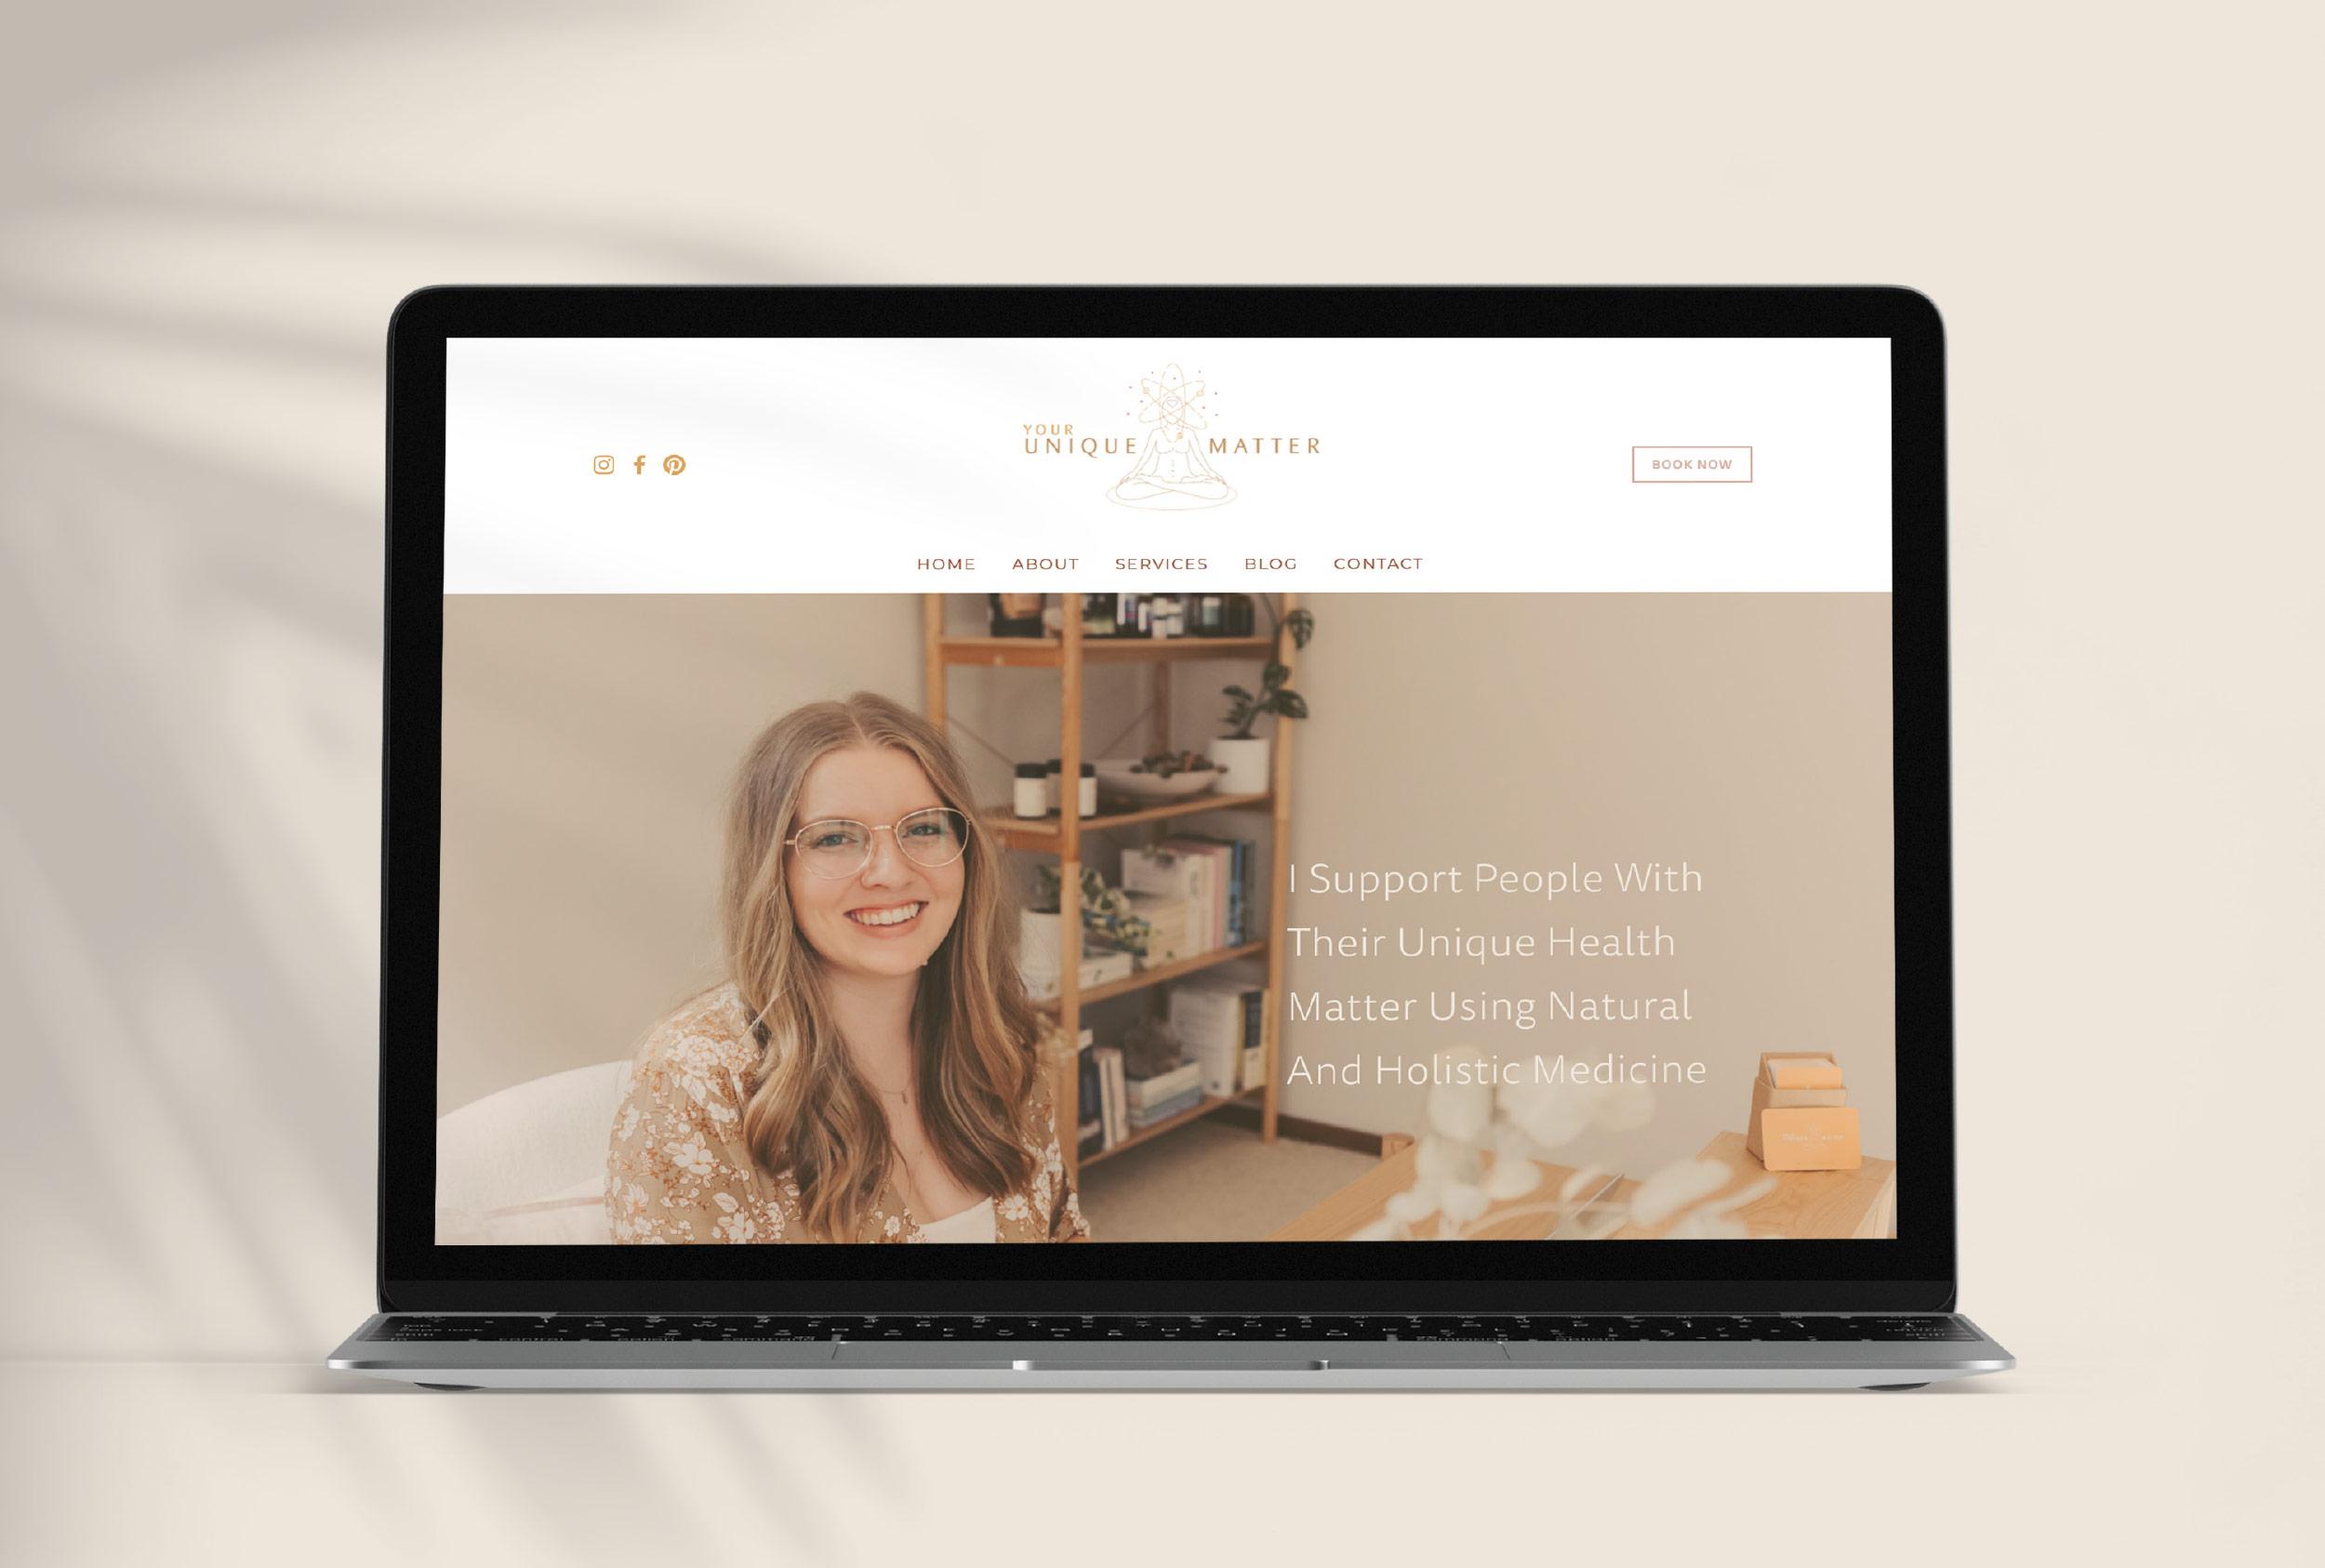 Your Unique Matter Website Design